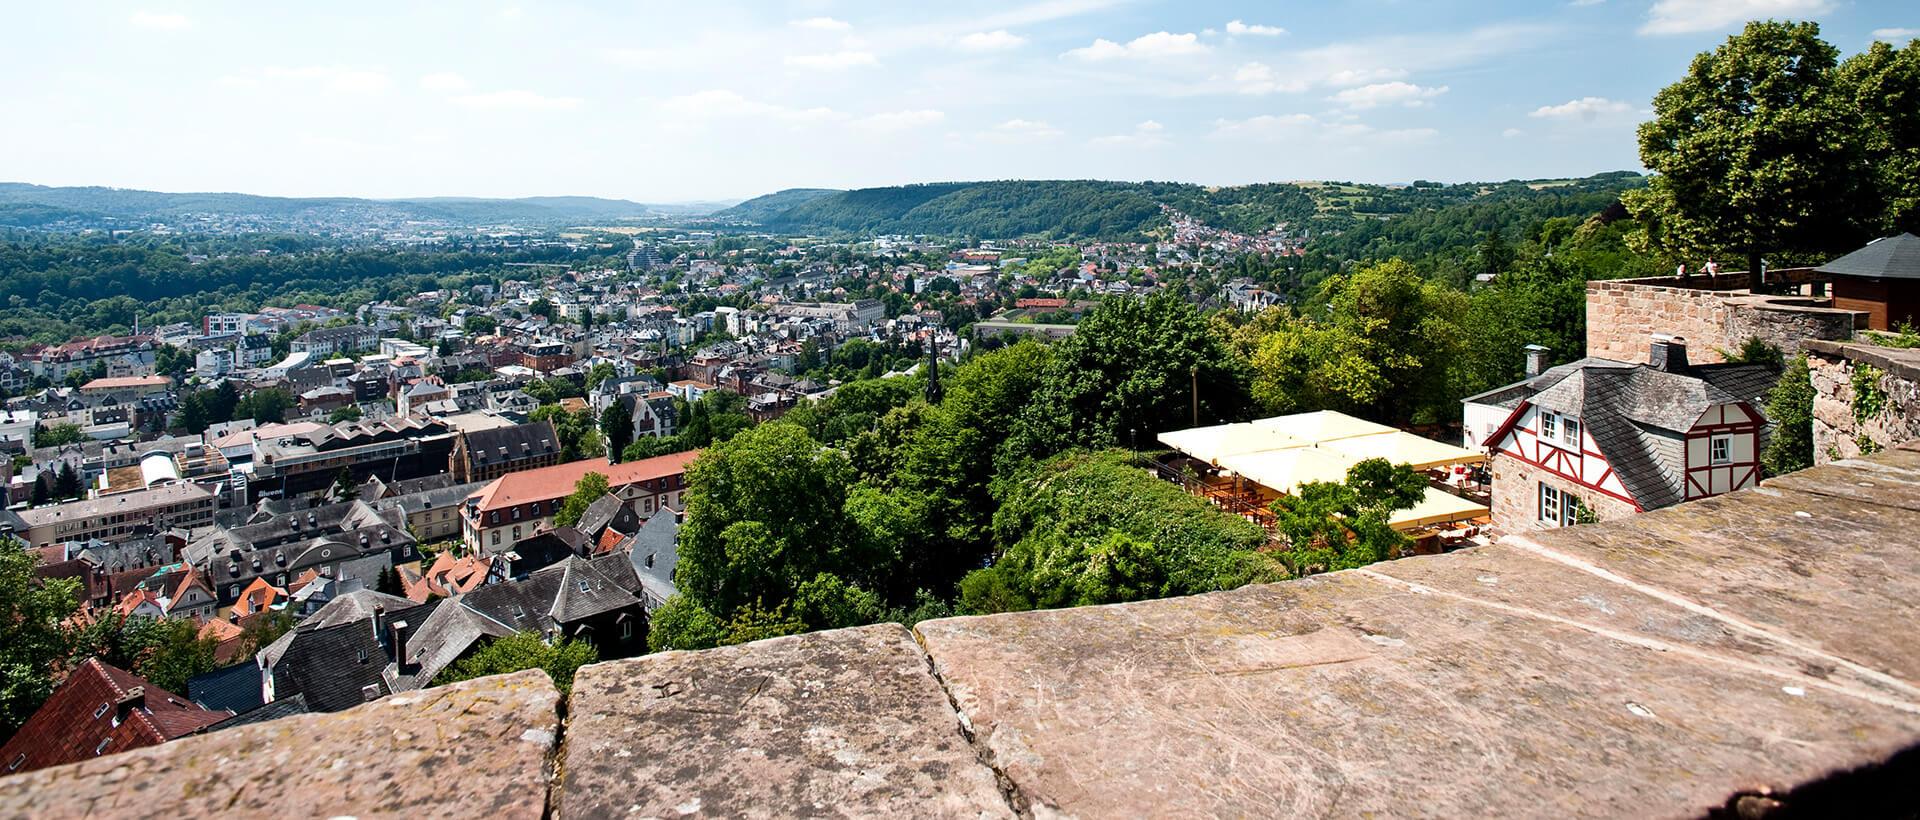 Impressionen Aus Dem Restaurant Bückingsgarten In Marburg